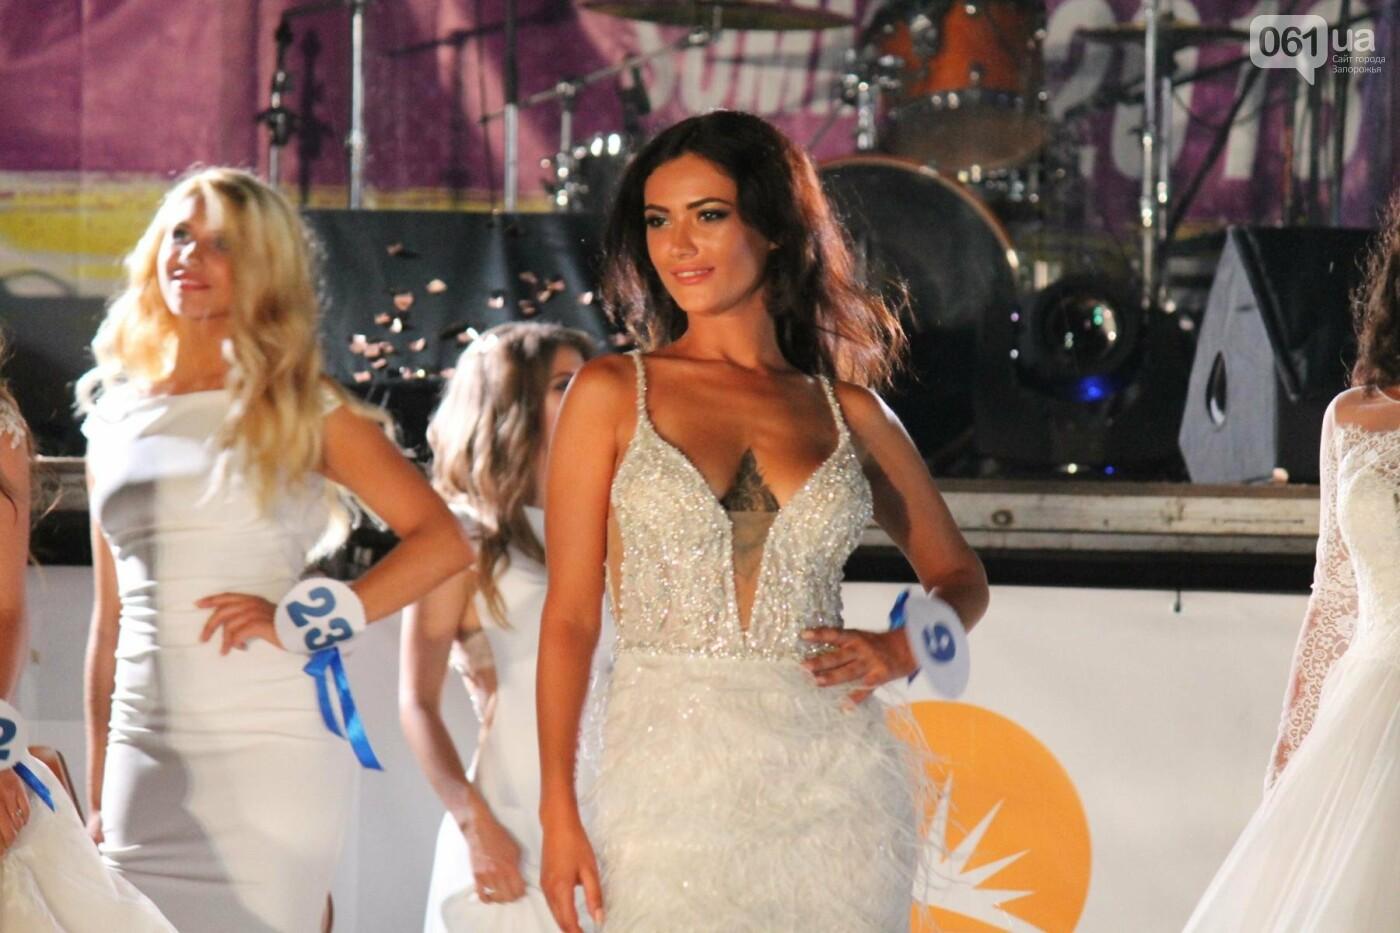 «Miss AVRORA Summer 2018»: в Запорожье на конкурсе красоты выбрали самую красивую девушку, – ФОТОРЕПОРТАЖ, фото-26